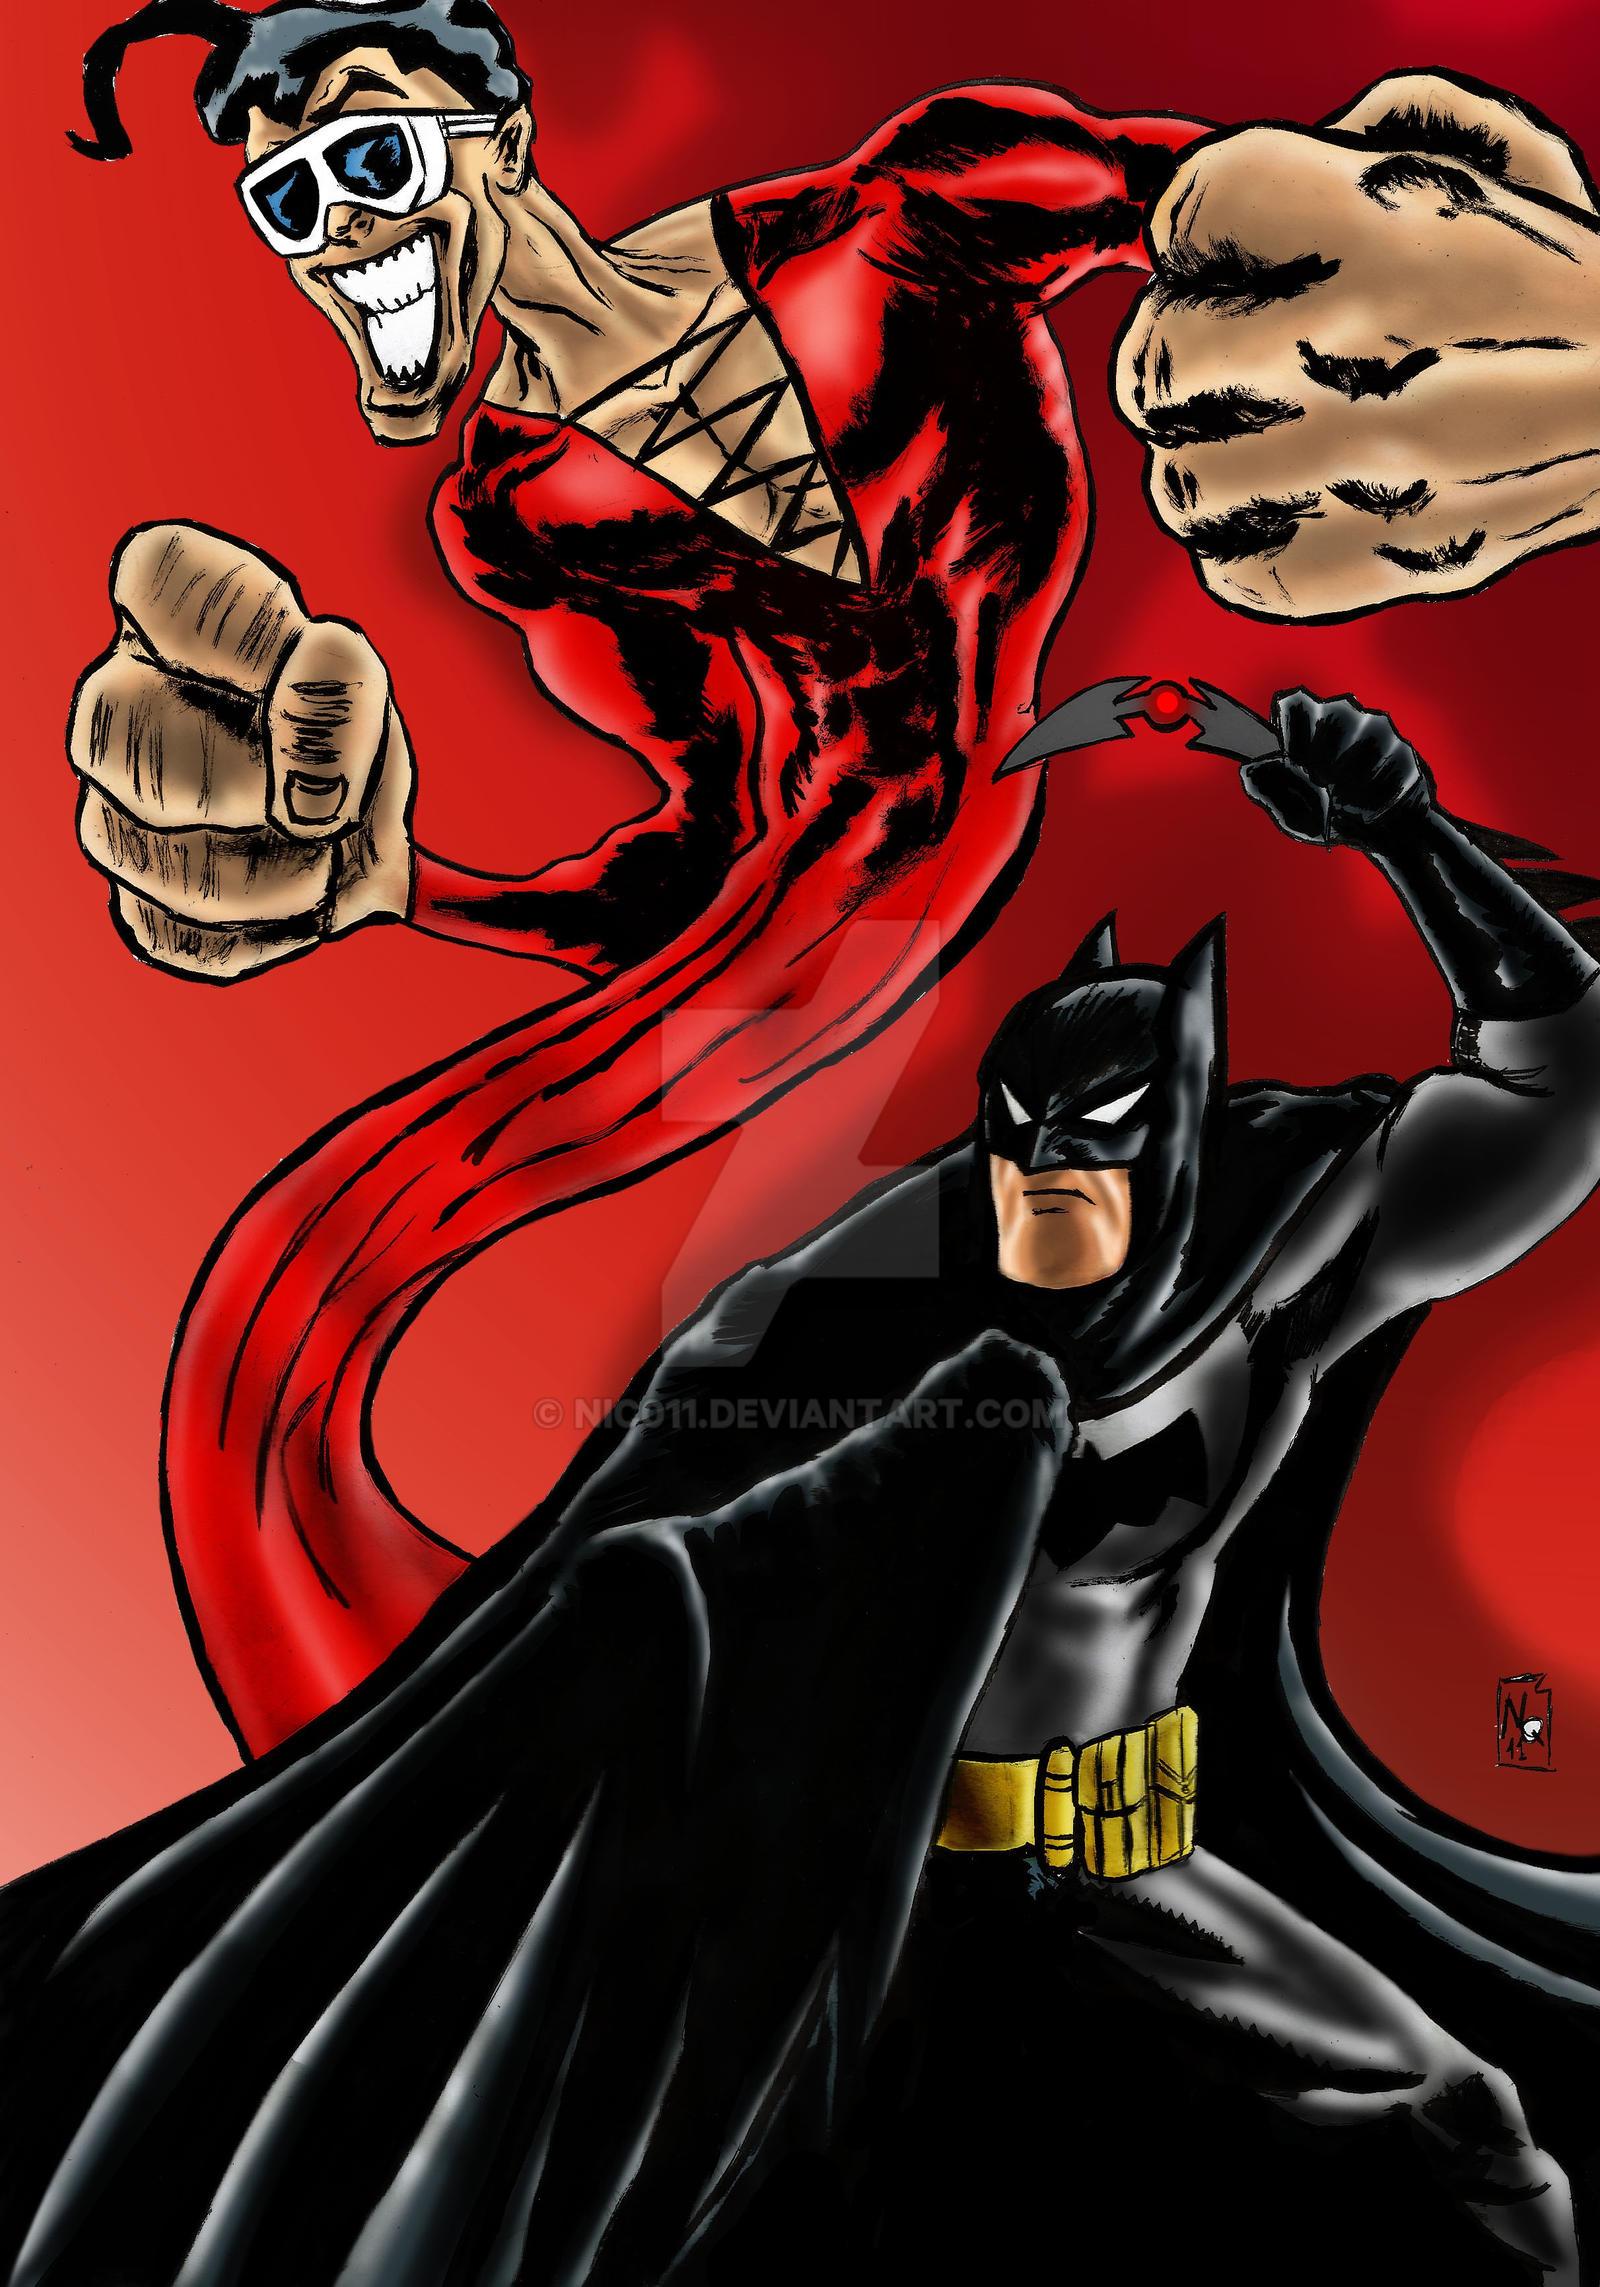 Batman VPlasticman by nic011